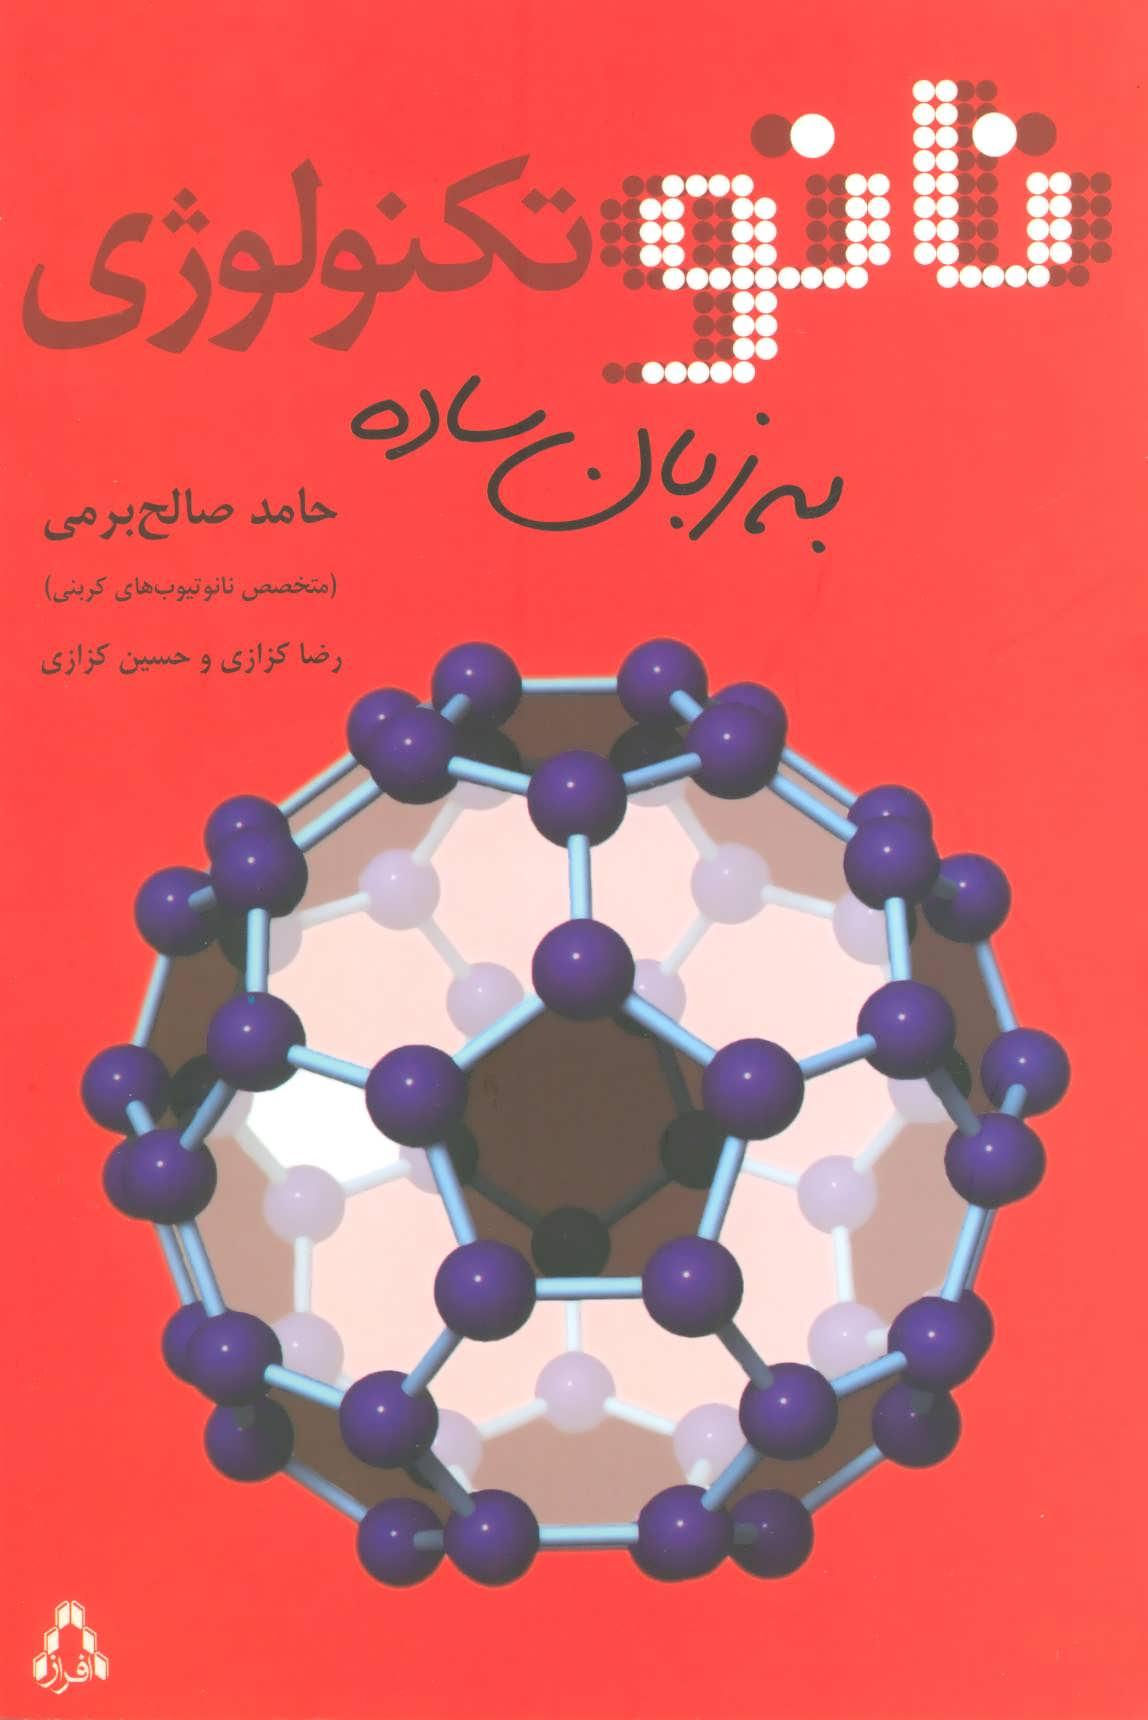 کتاب نانوتکنولوژی به زبان ساده